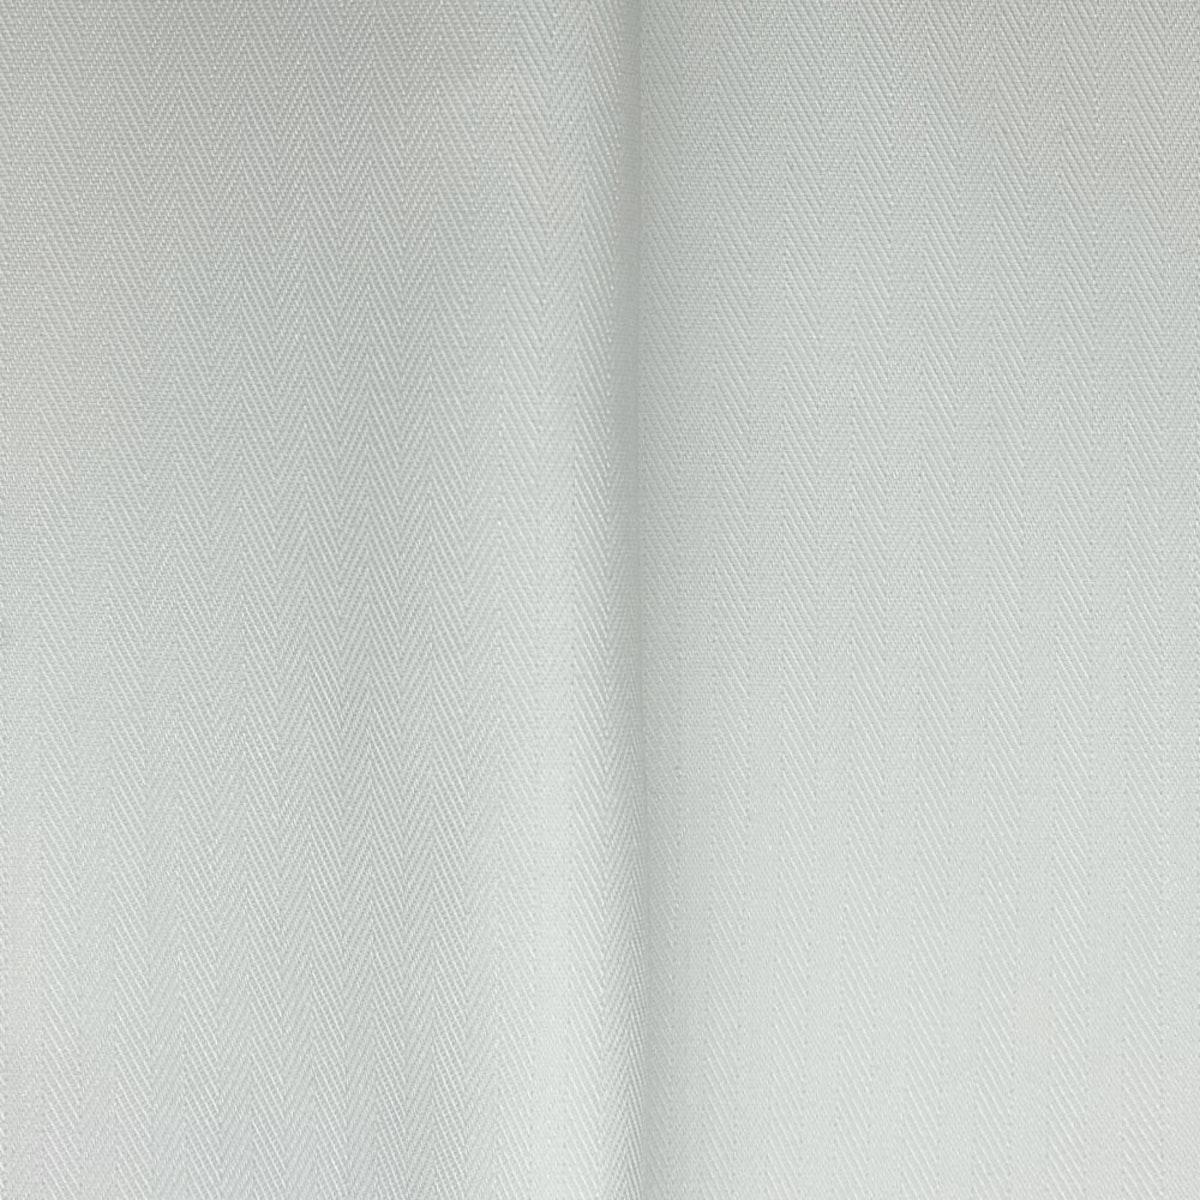 InStitchu Shirt Fabric 30